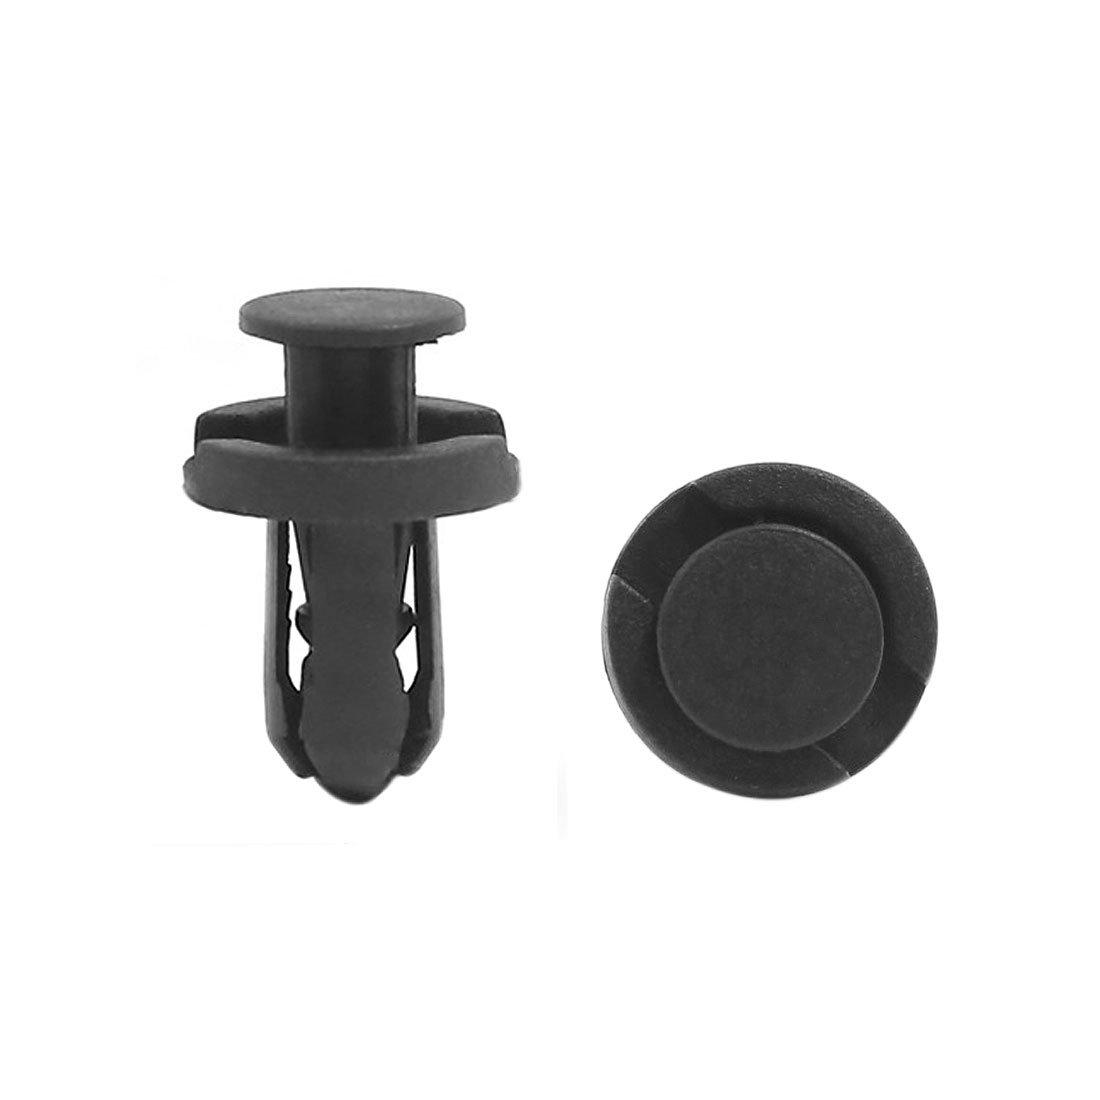 sourcingmap 100Pcs 10mm Hole Plastic Bumper Clips Panel Fastener Trim Clip Black